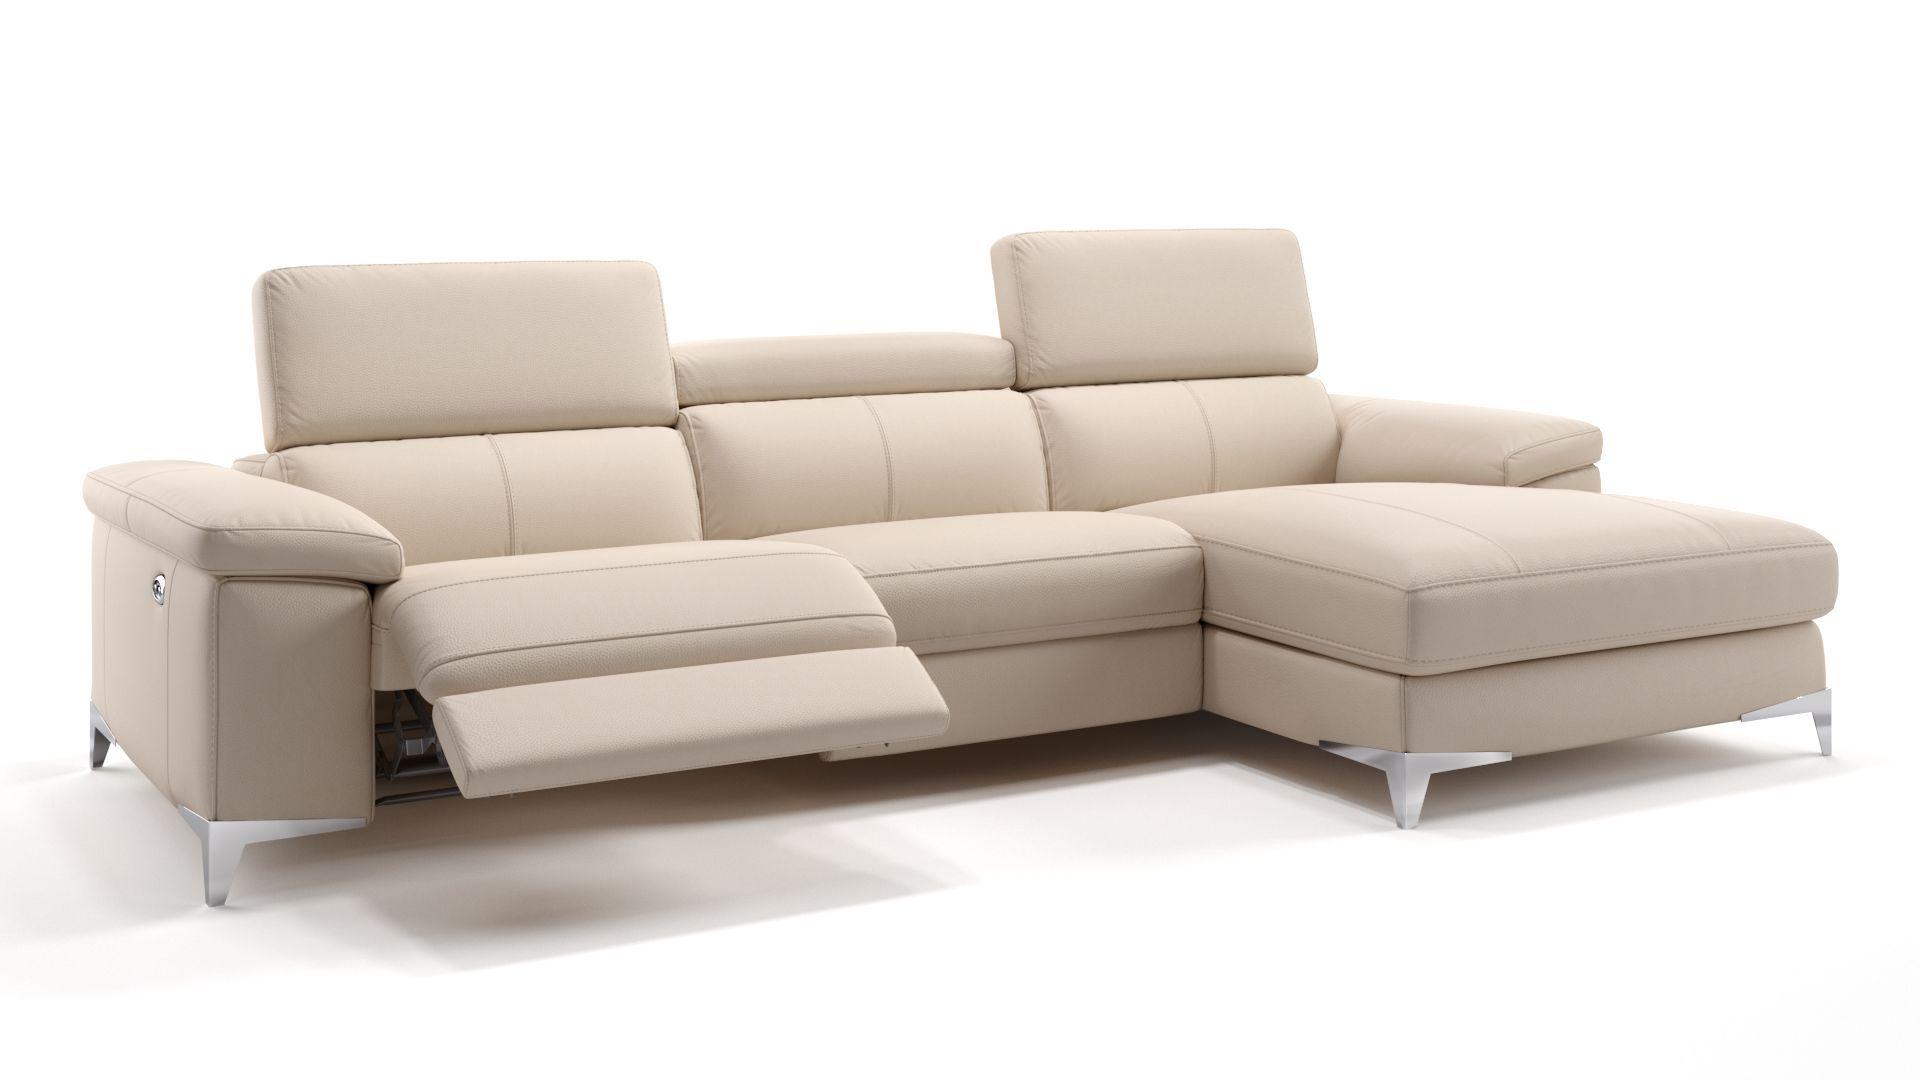 Full Size of 3er Sofa Mit Elektrischer Sitztiefenverstellung Relaxfunktion Elektrisch Couch Elektrische 2er Verstellbar 3 Sitzer Ecksofa 2 5 Leder Zweisitzer Details Per Sofa Sofa Mit Relaxfunktion Elektrisch